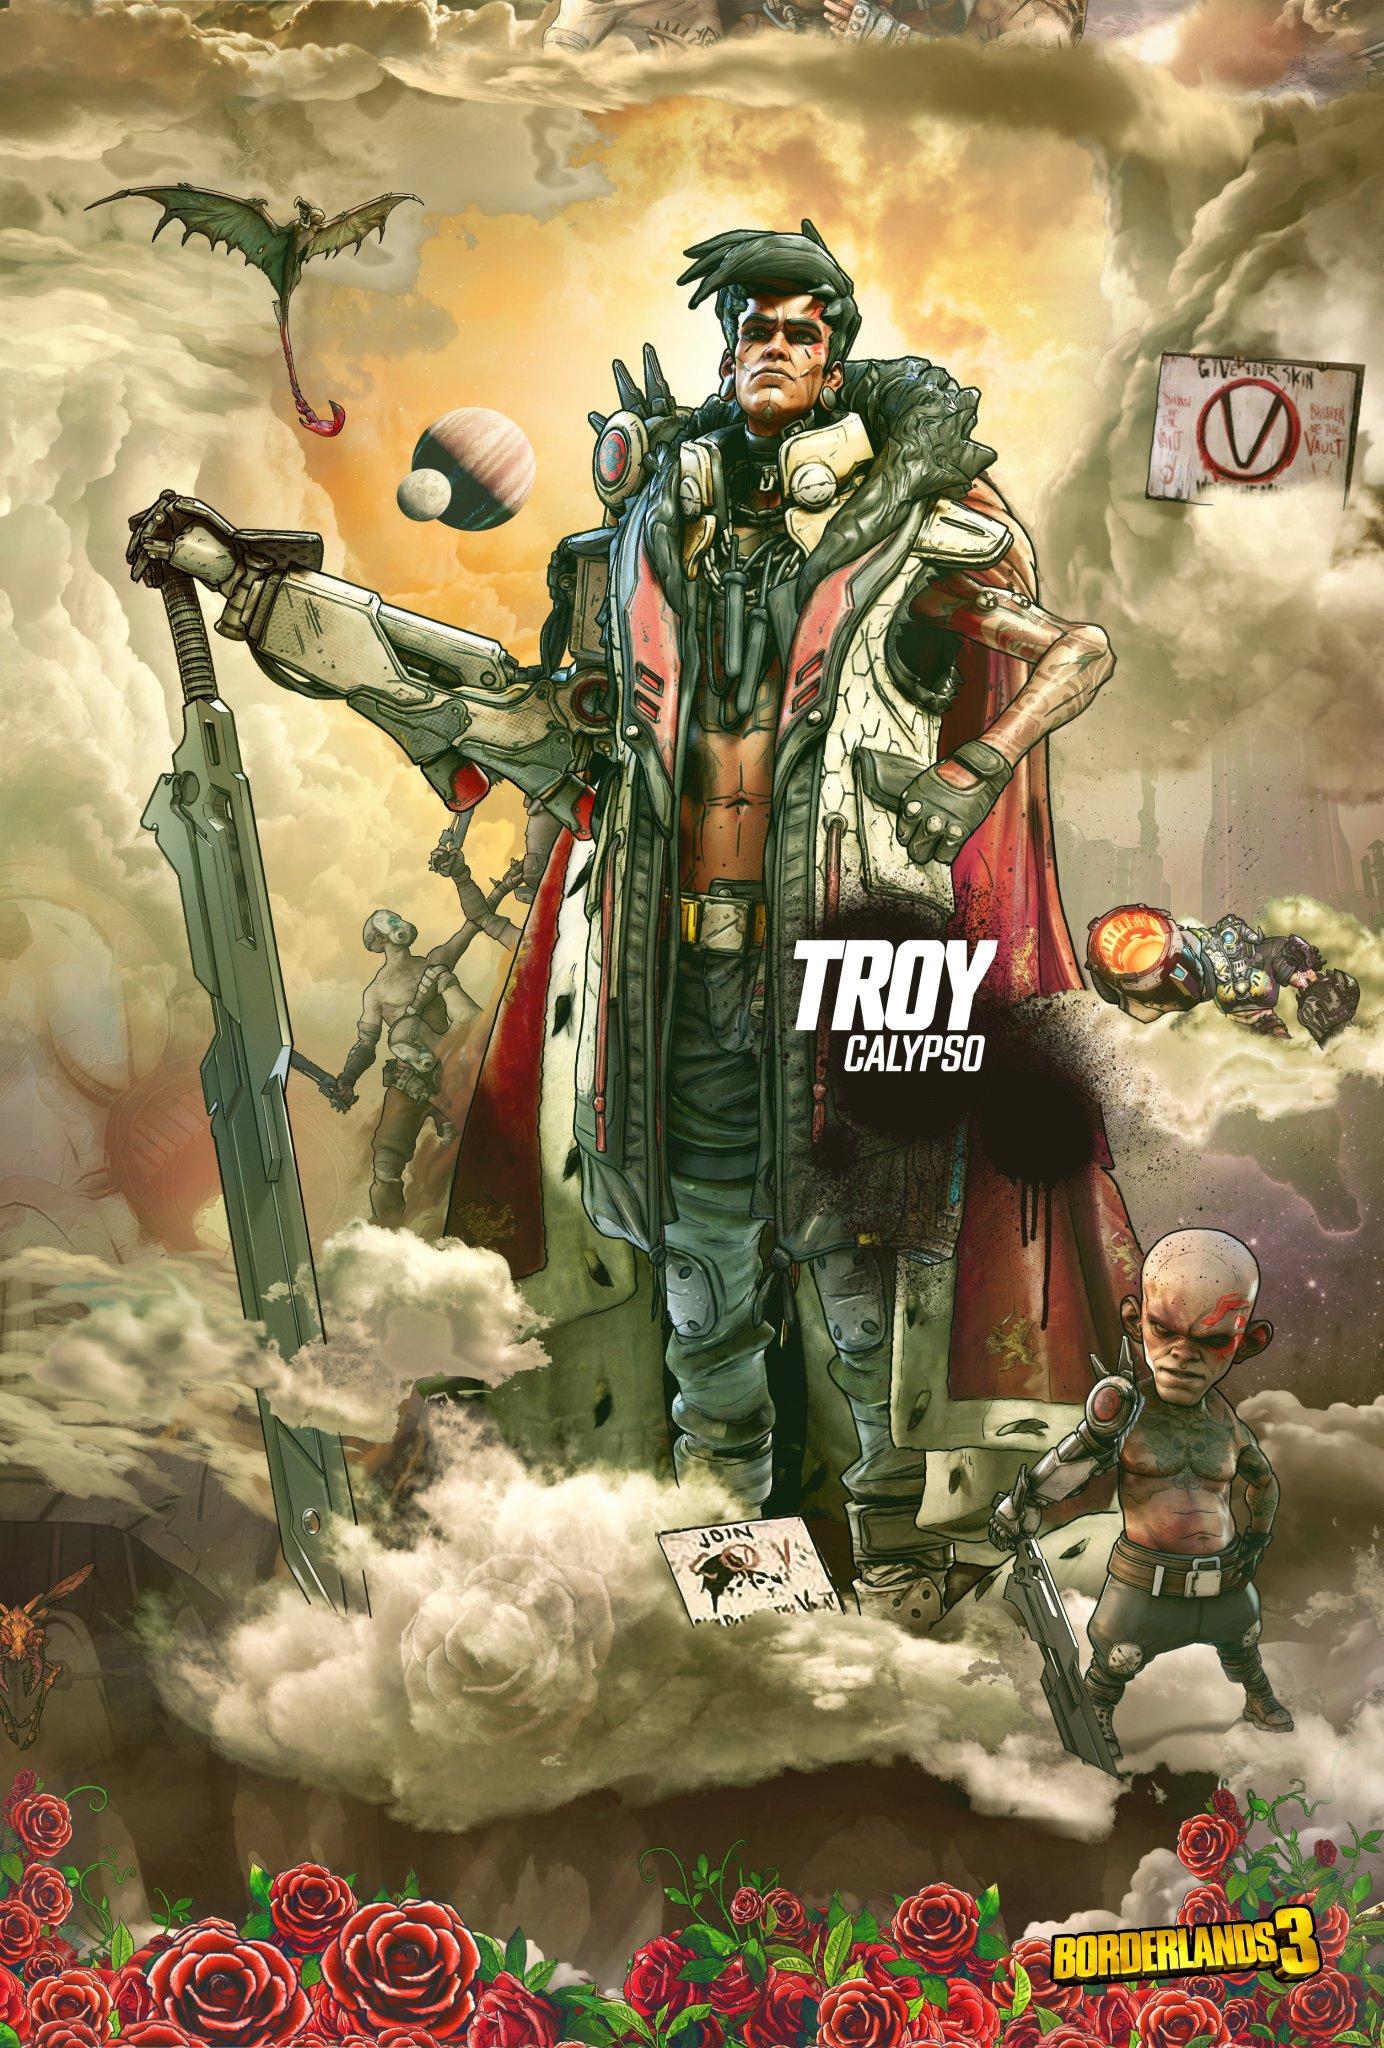 有魅力的男人_《无主之地3》大反派新海报 邪教领袖的疯狂威胁_3DM单机